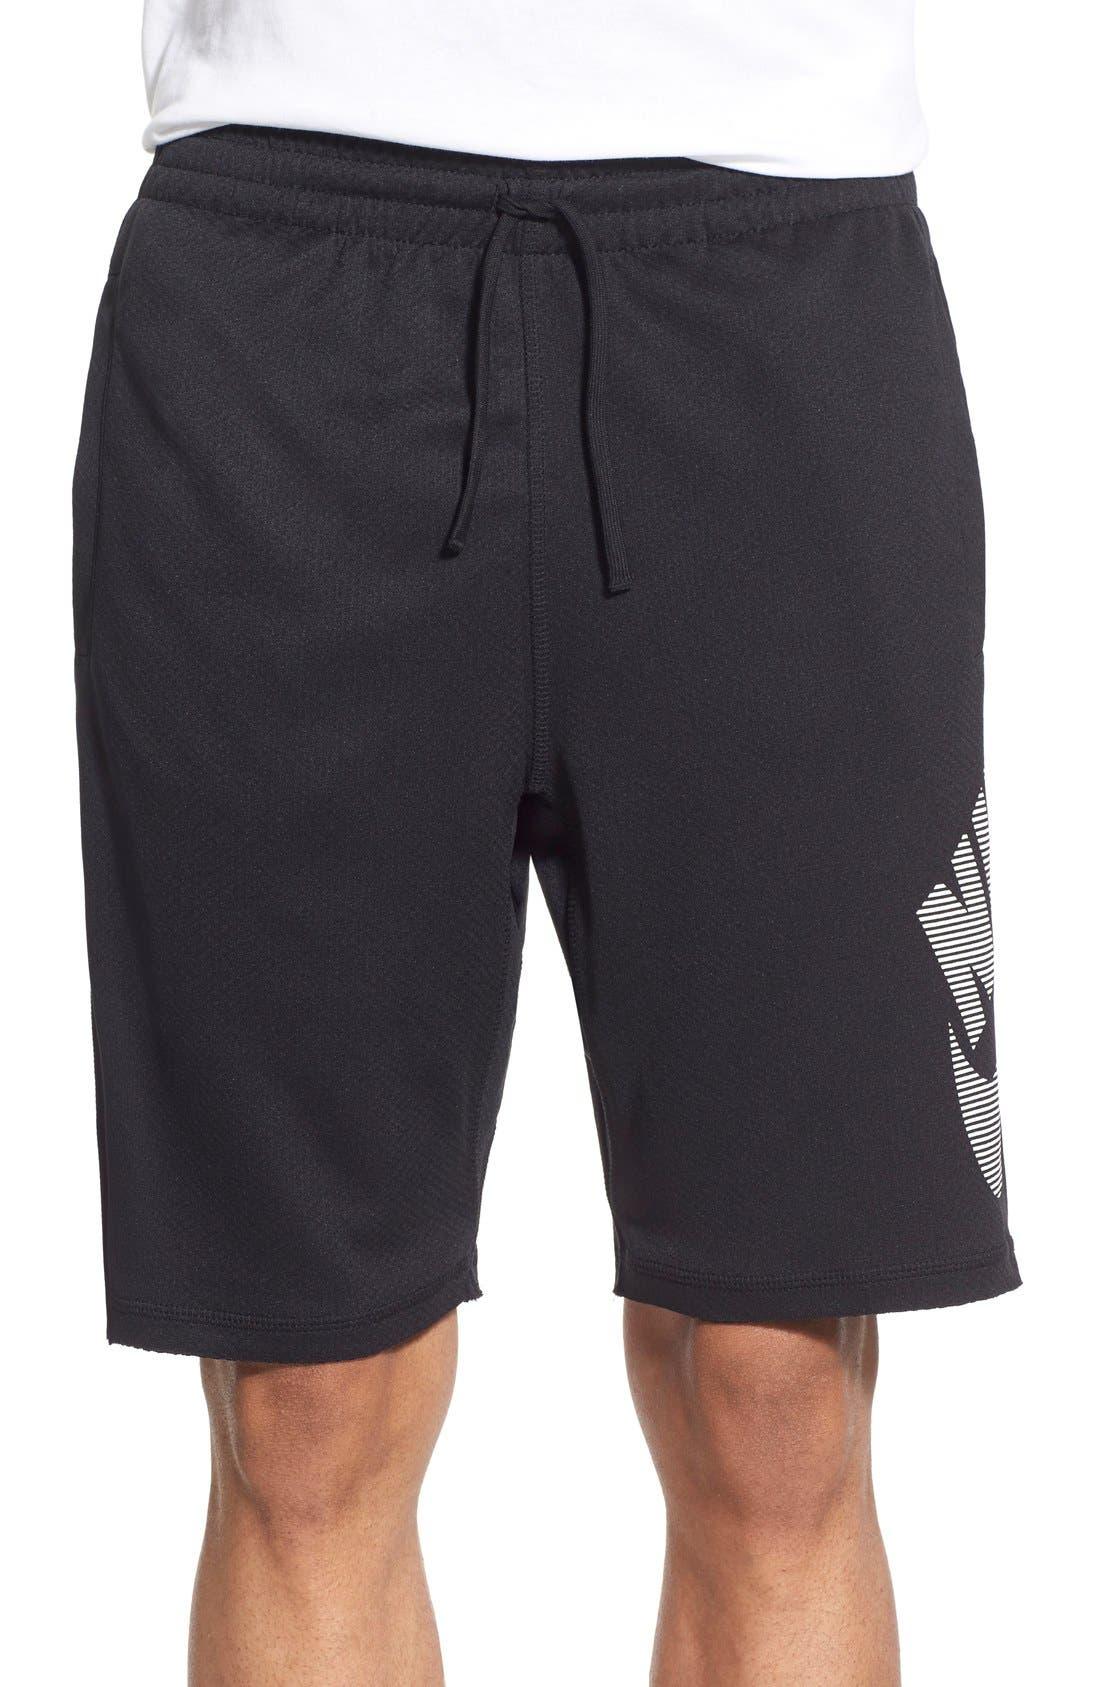 SB 'Stripe Sunday' Dri-FIT Shorts,                         Main,                         color, Black/White